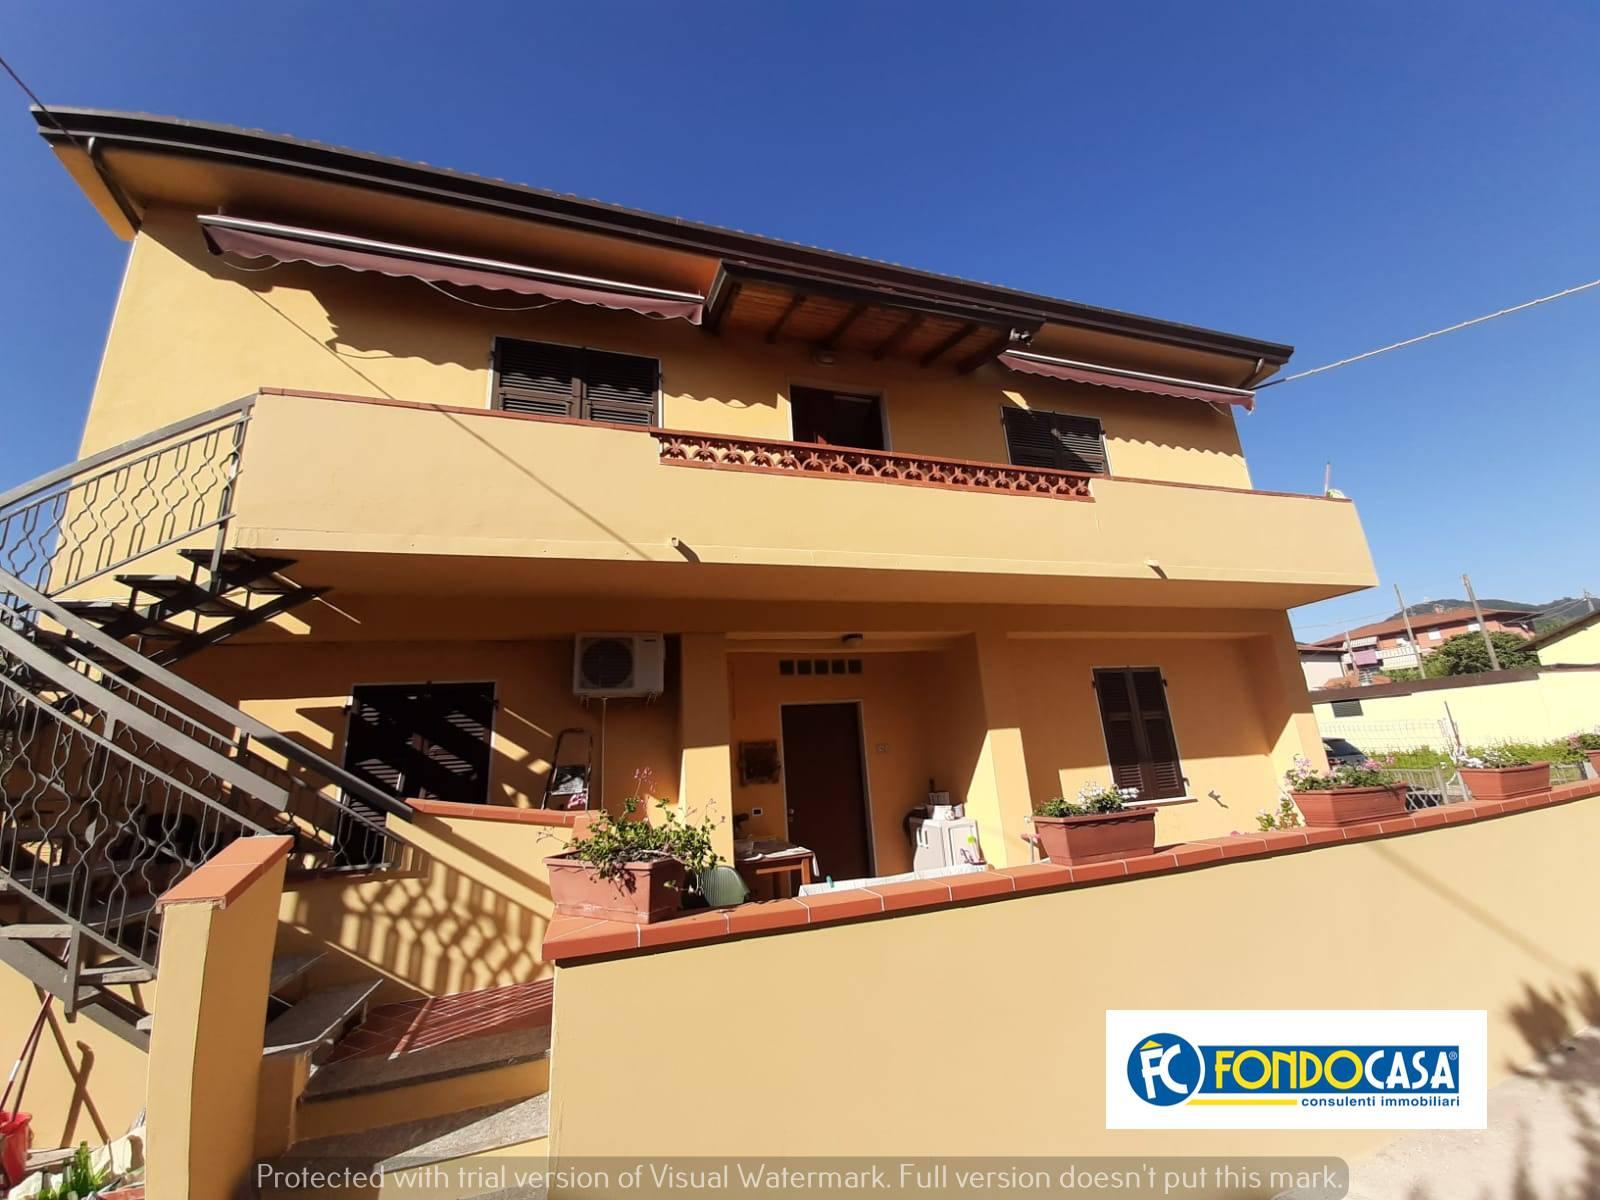 Appartamento in vendita a Castelnuovo Magra, 5 locali, zona cciara, prezzo € 199.000 | PortaleAgenzieImmobiliari.it